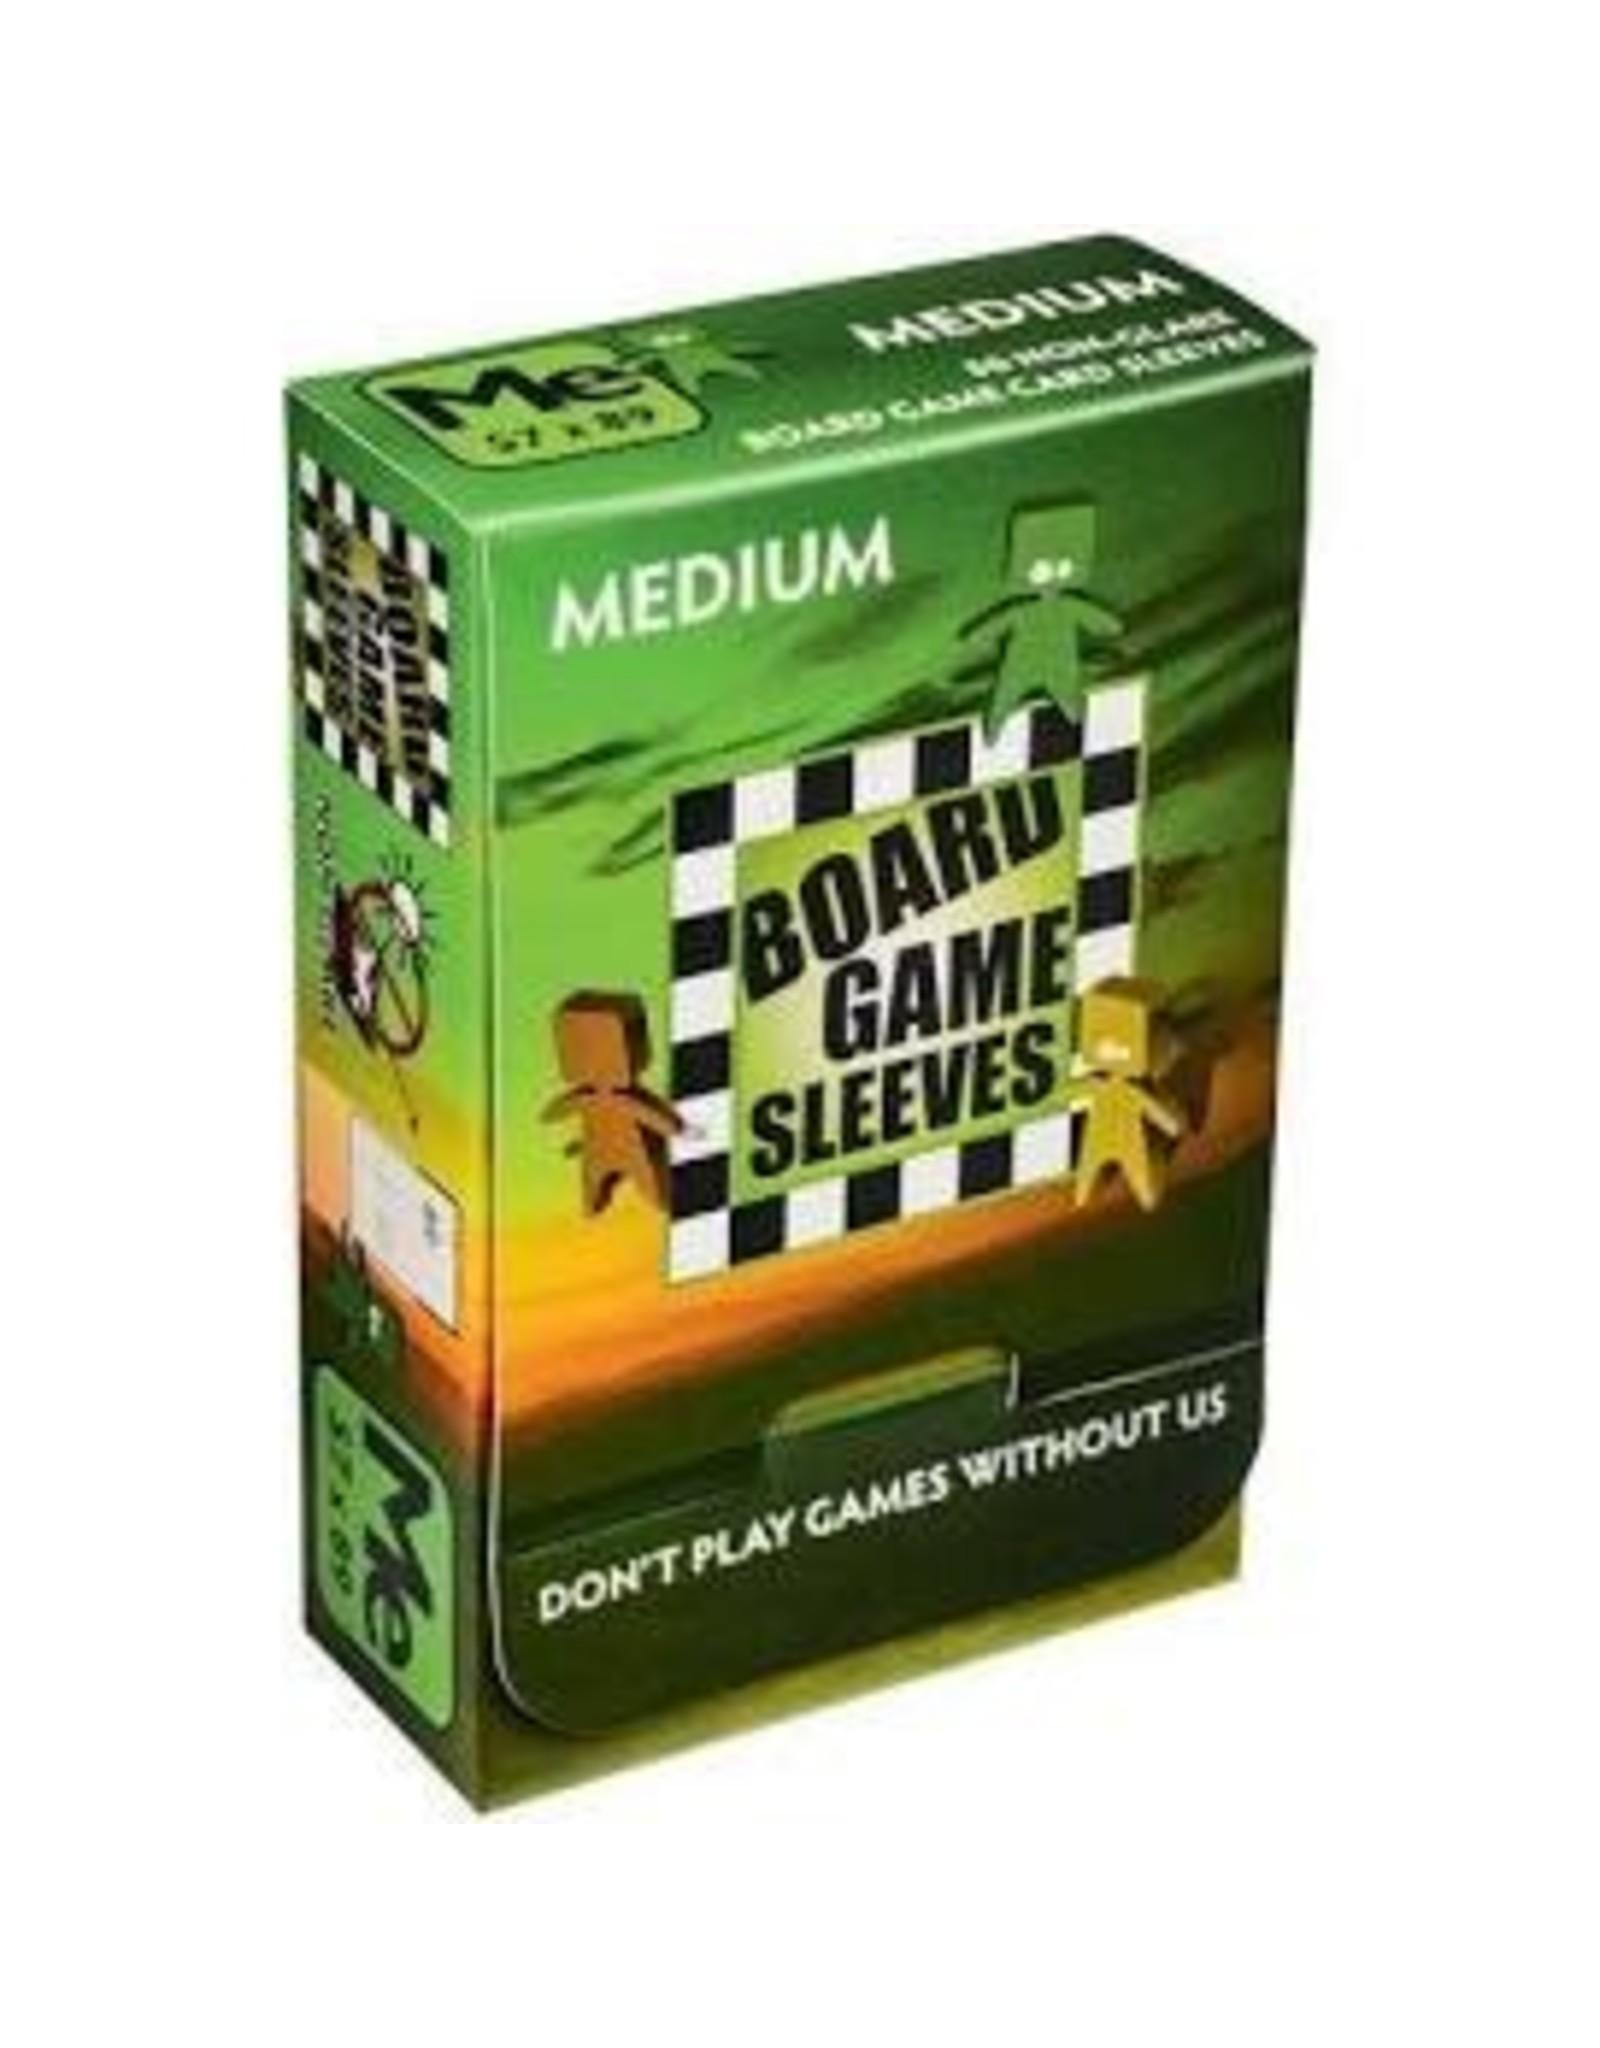 Deck Protector: NG: Medium Board Game Sleeves (50)